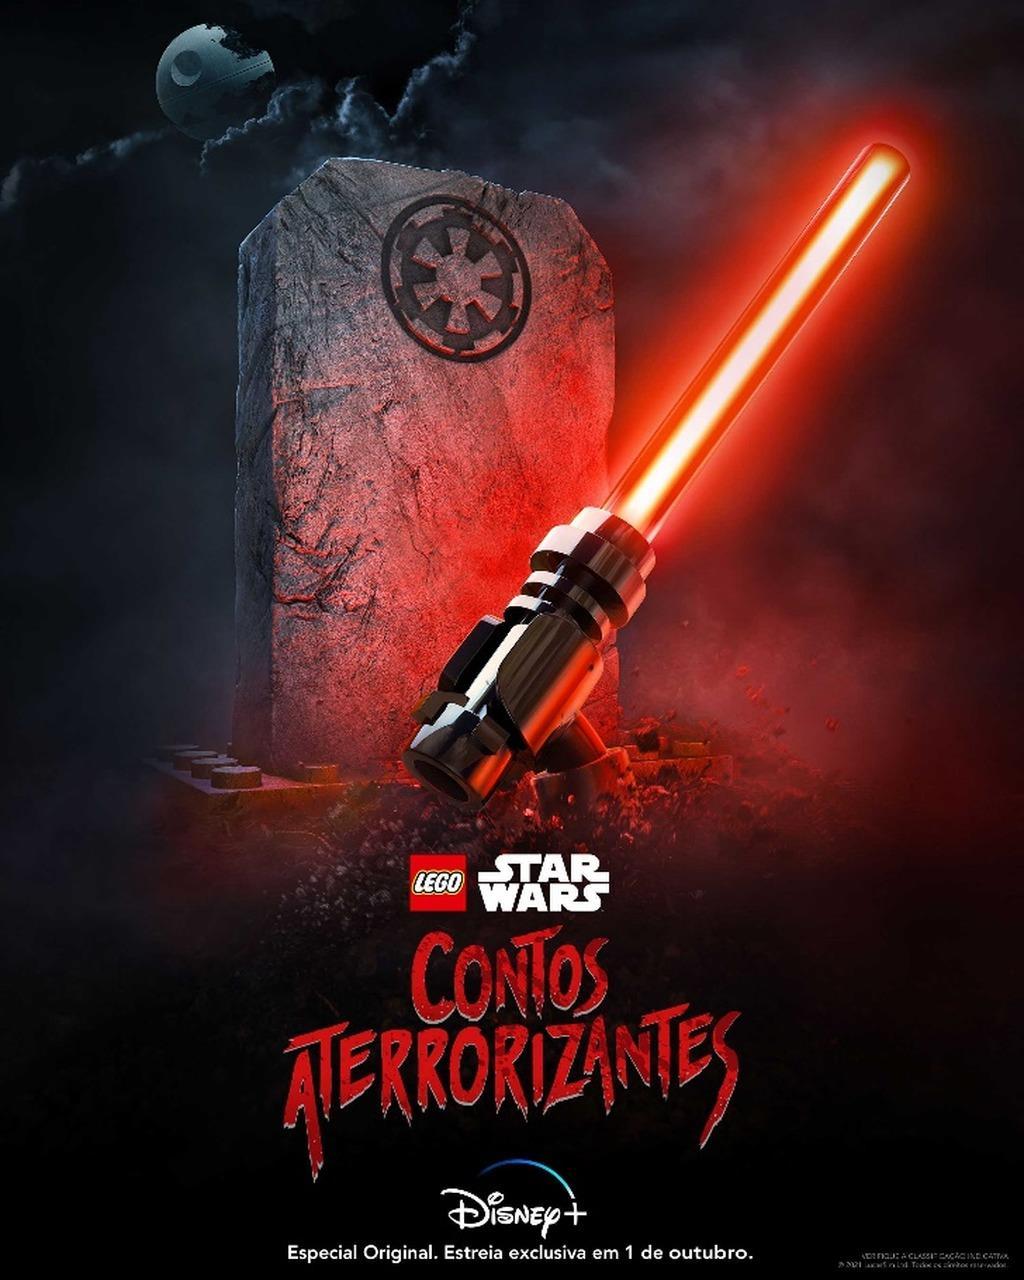 Nova animação do LEGO Star Wars.